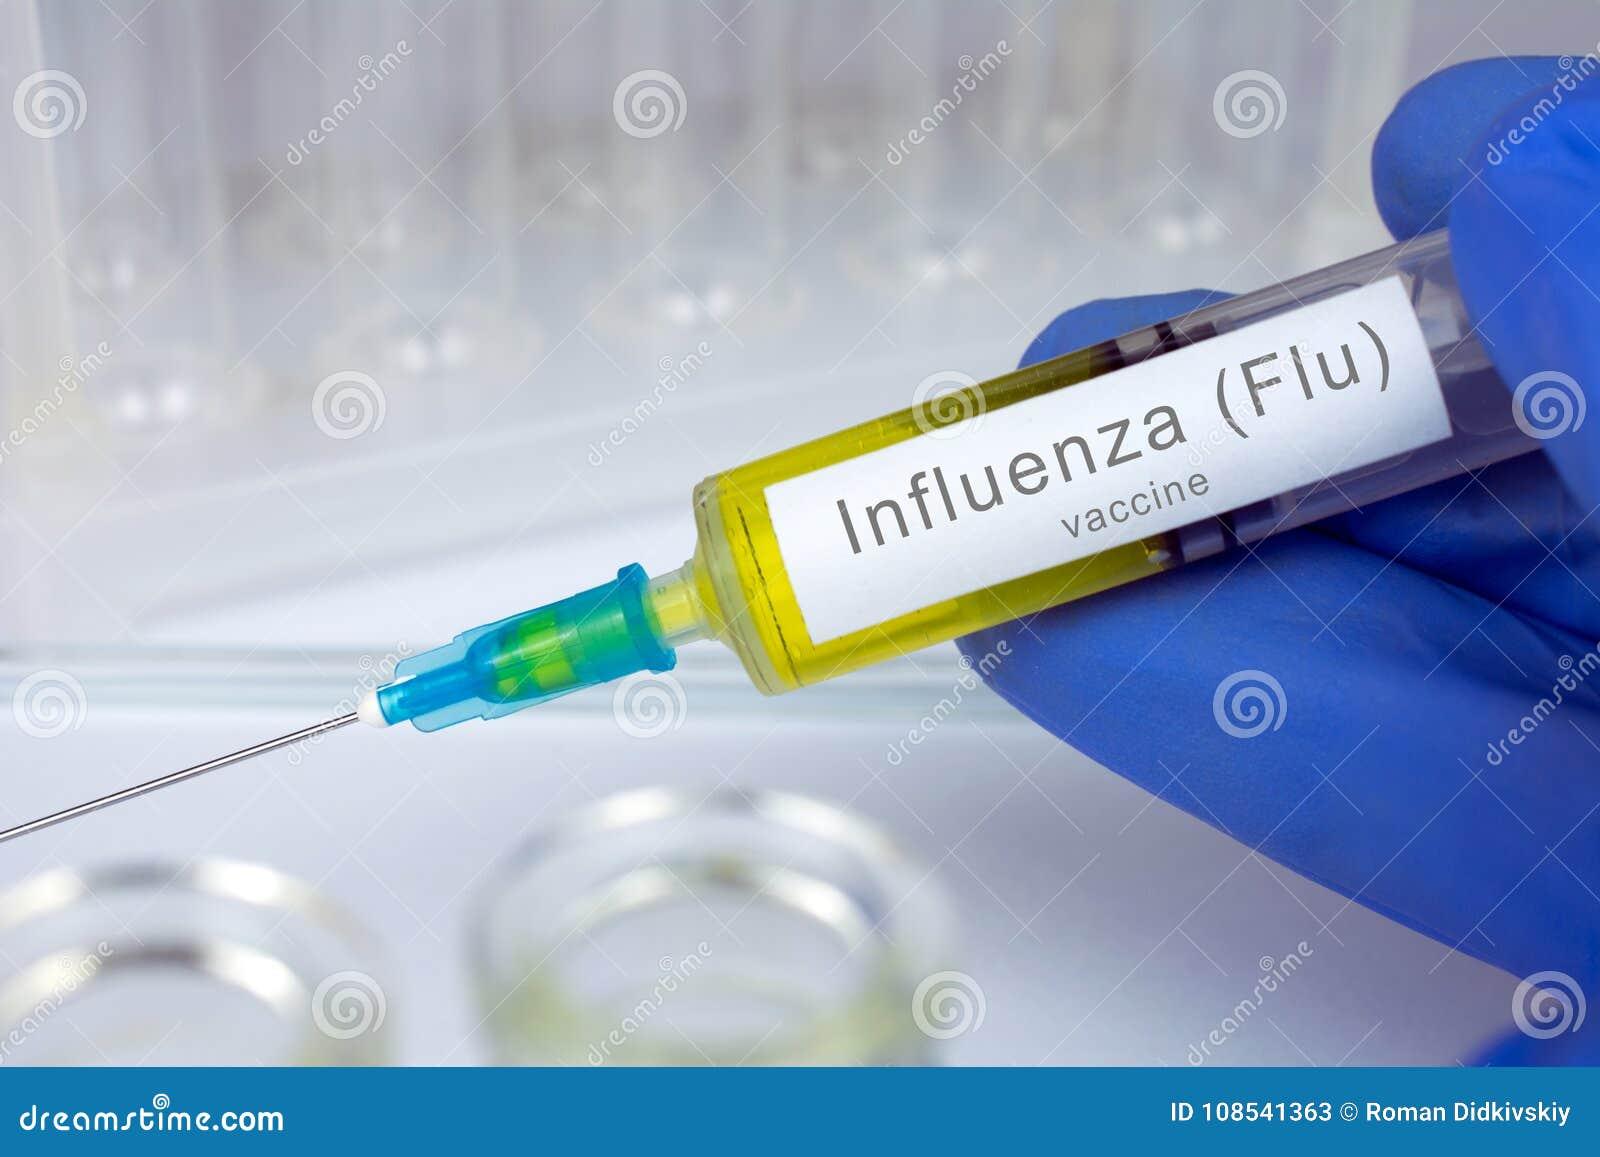 接种医疗保健概念,季节性流行性感冒流感疫苗